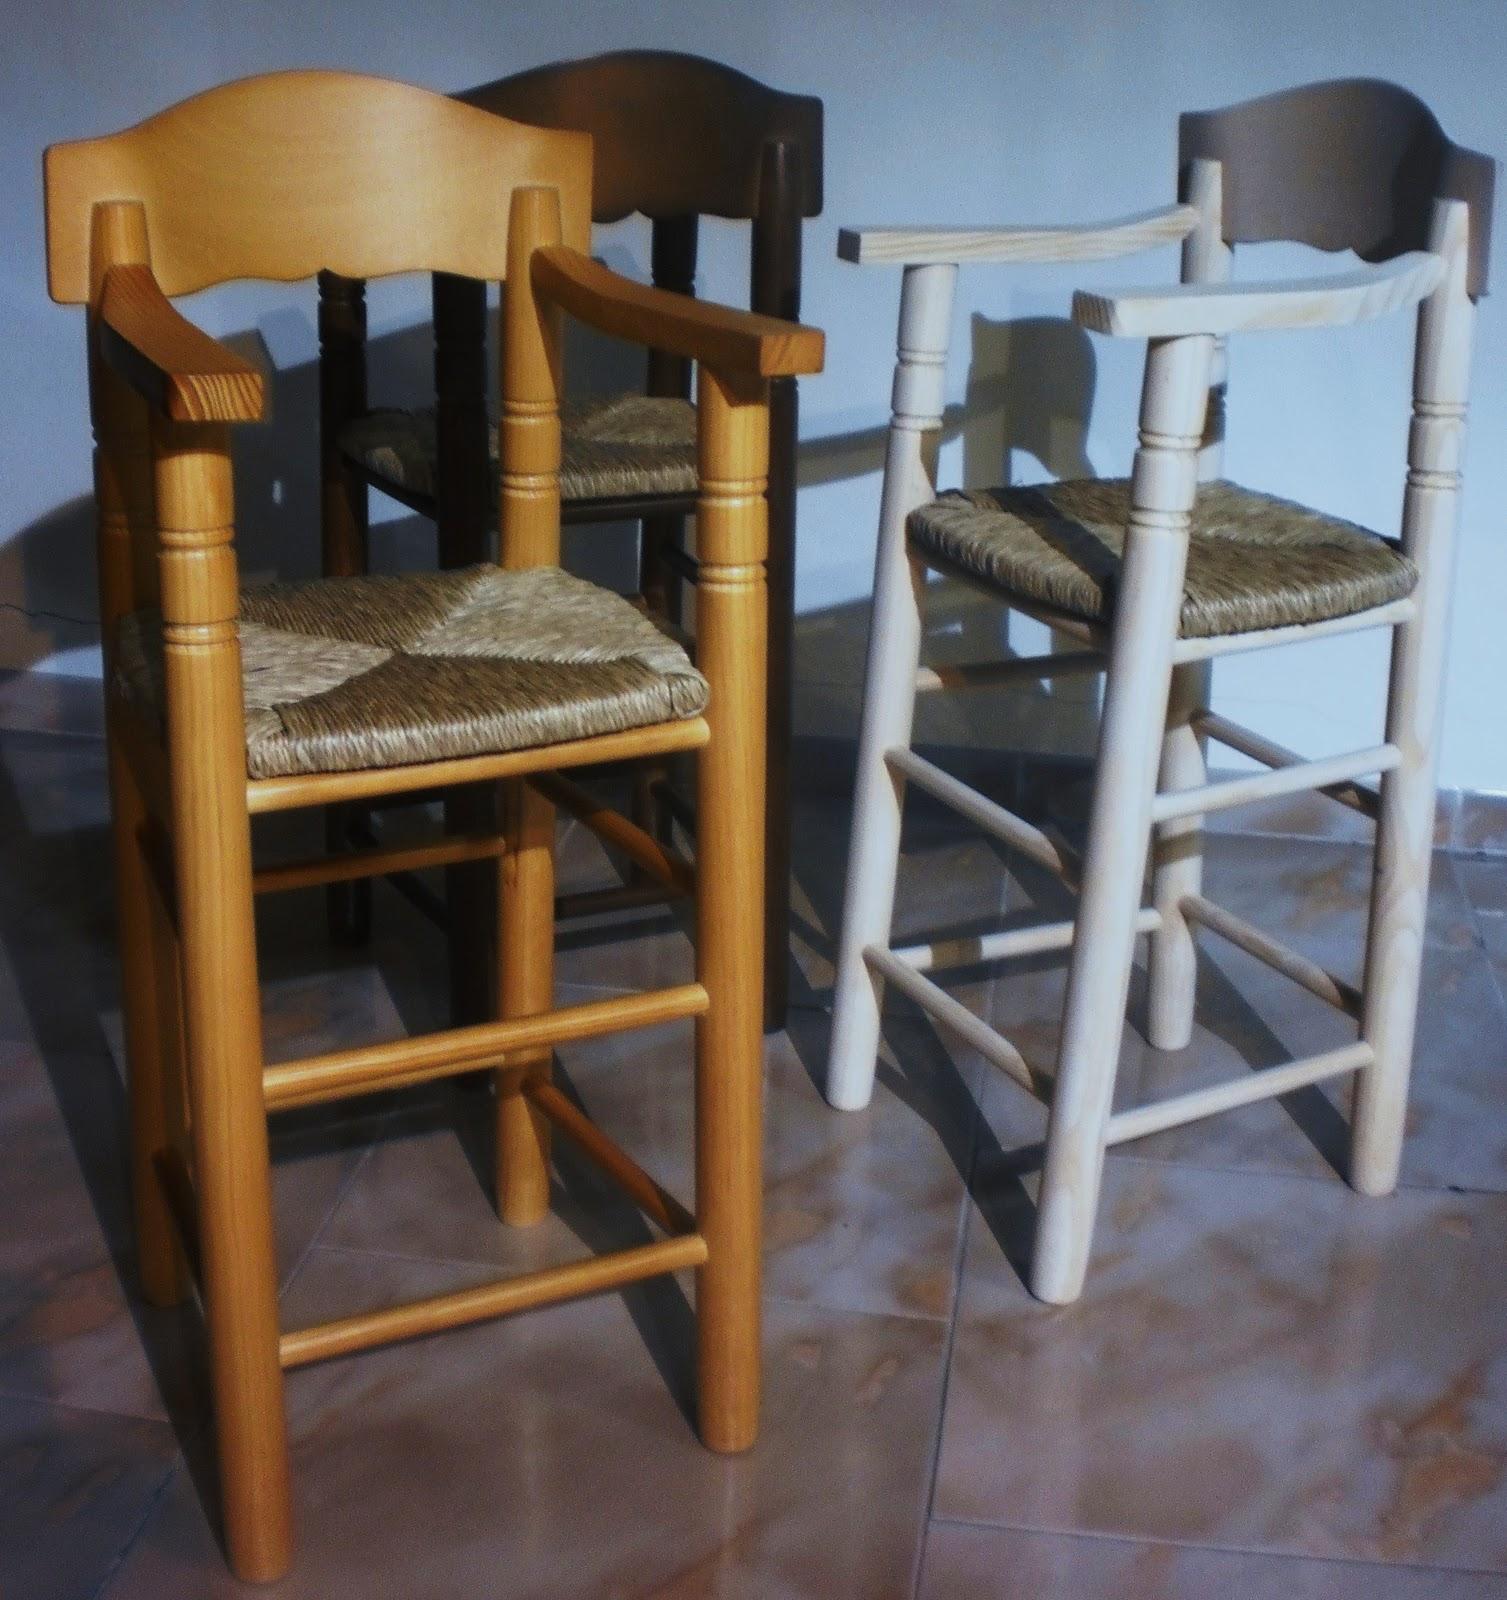 Fabrica de sillas de madera pauli sillas y mesas de madera para hosteleria y hogar trona - Fabricas de madera ...